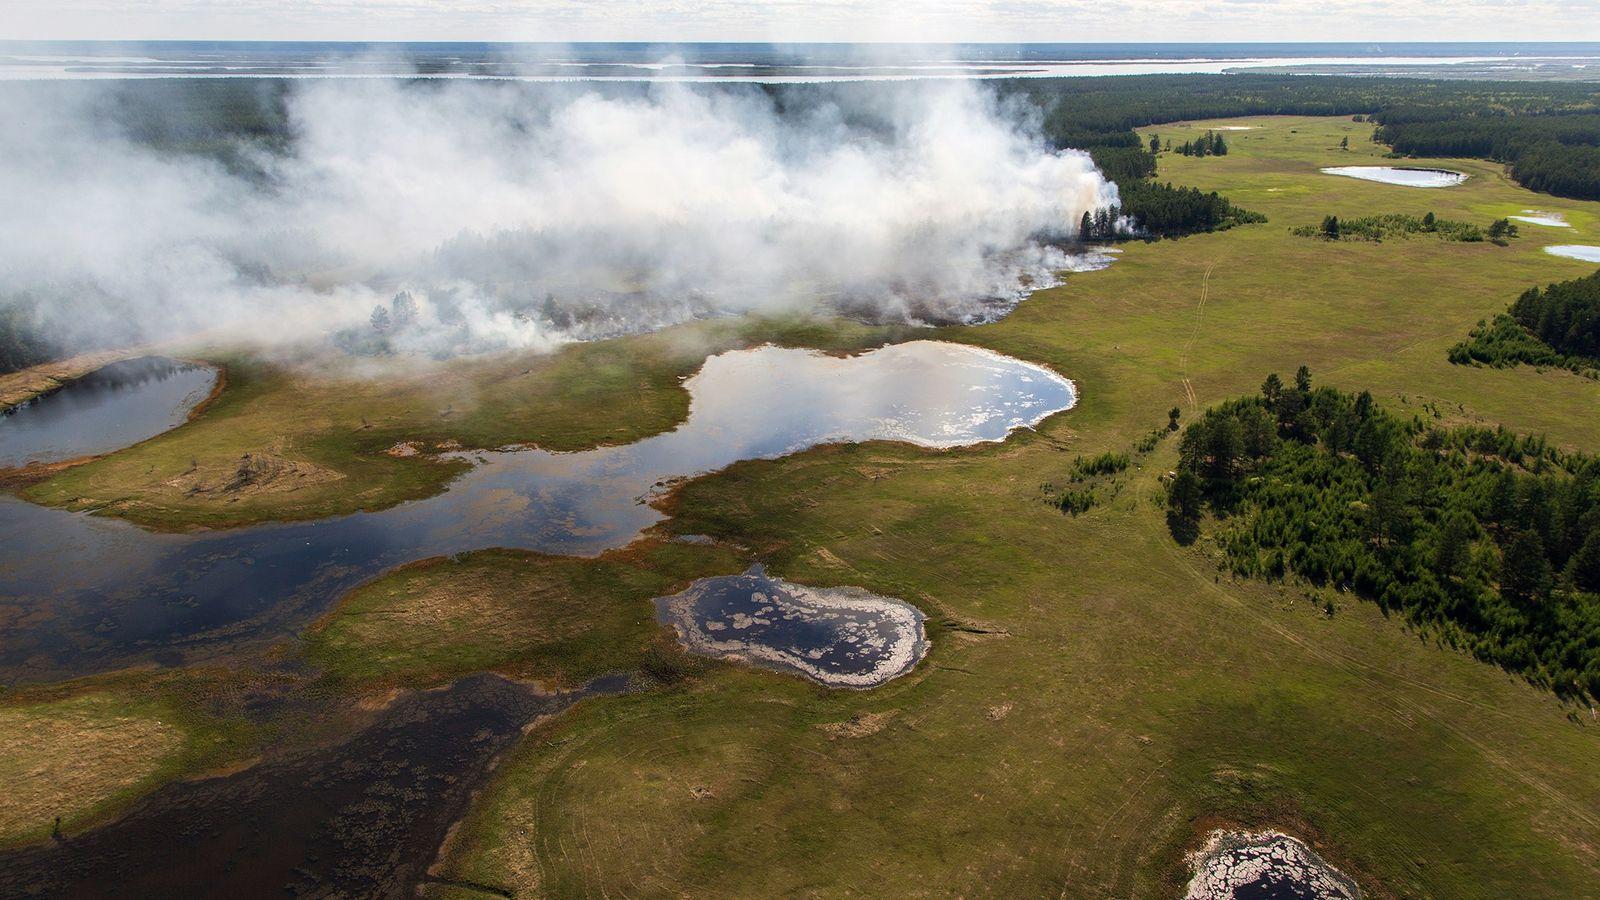 Une forêt brûle en Yakoutie centrale, l'une des régions les plus froides de Russie. Les forêts ...